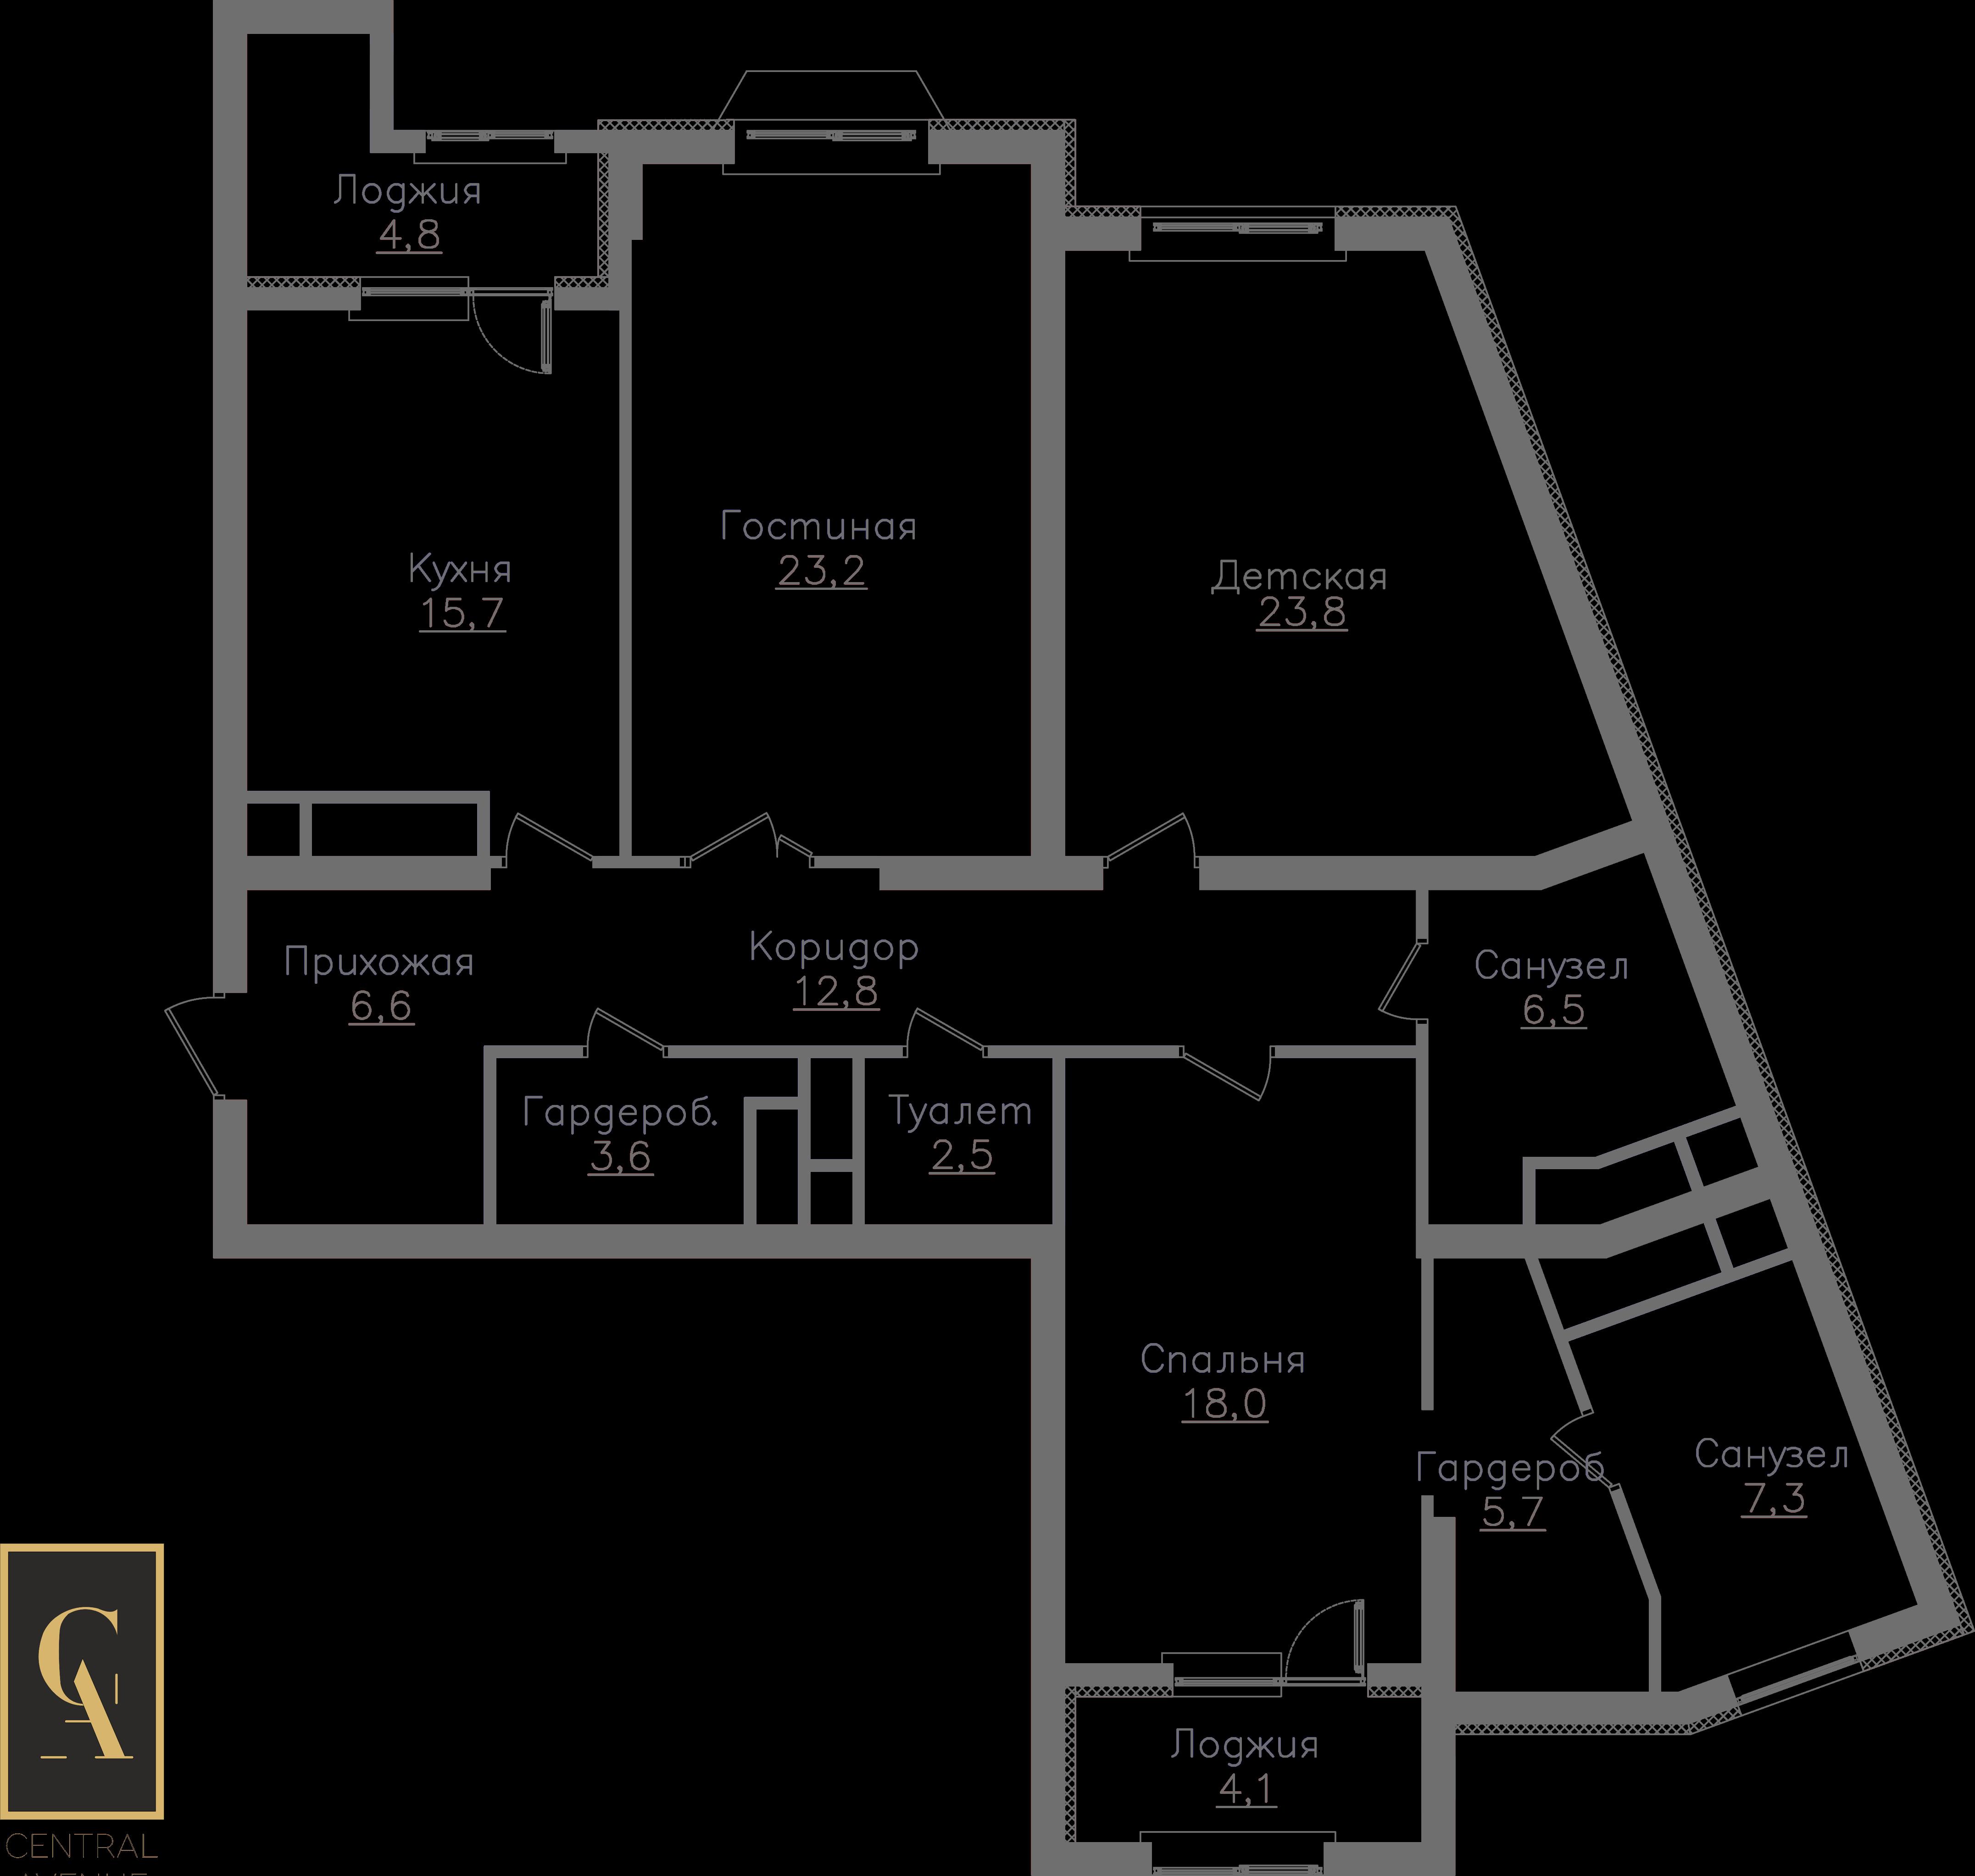 Квартира 44